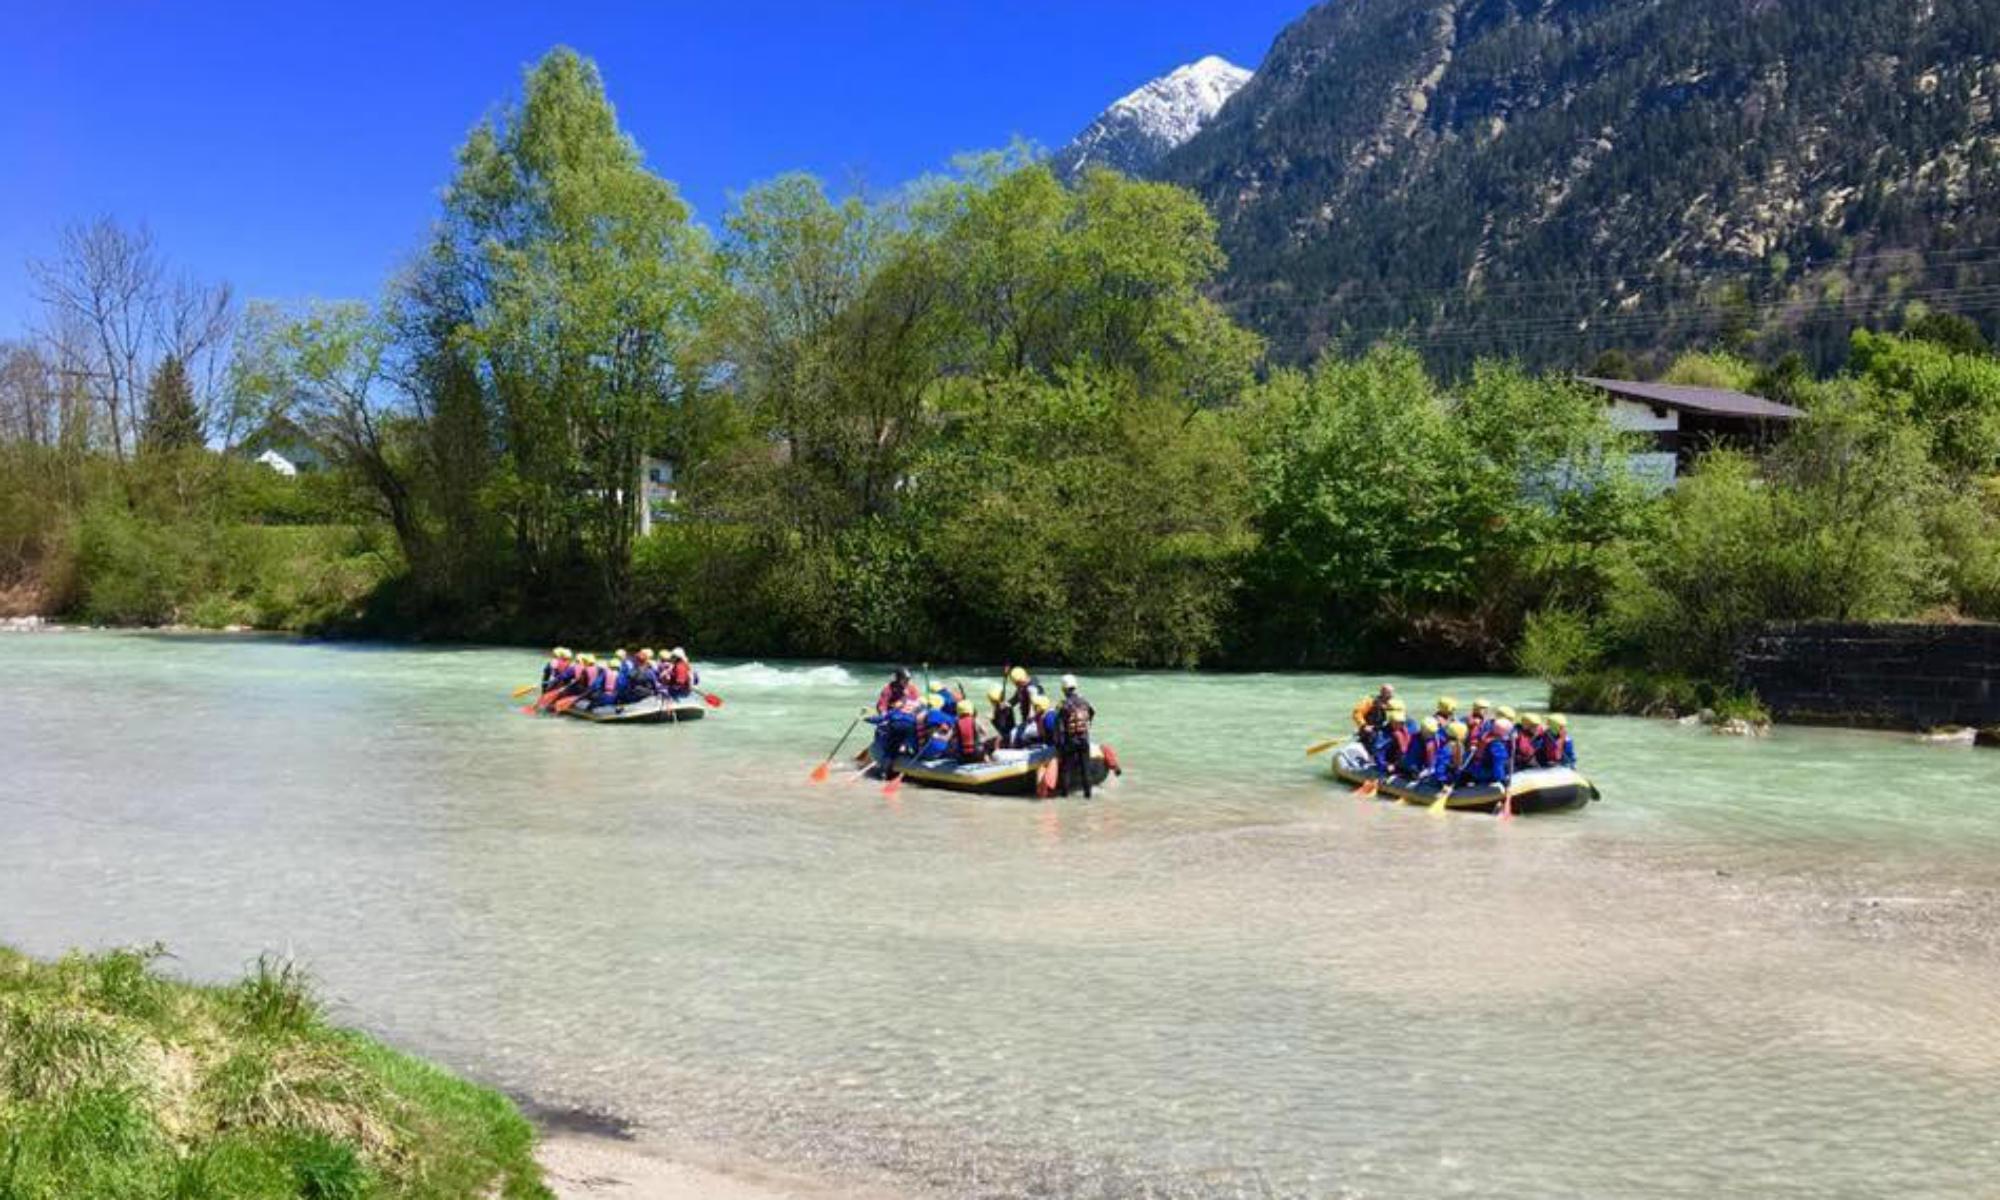 Drei Gruppen in Schlauchbooten beim Rafting in Bayern.